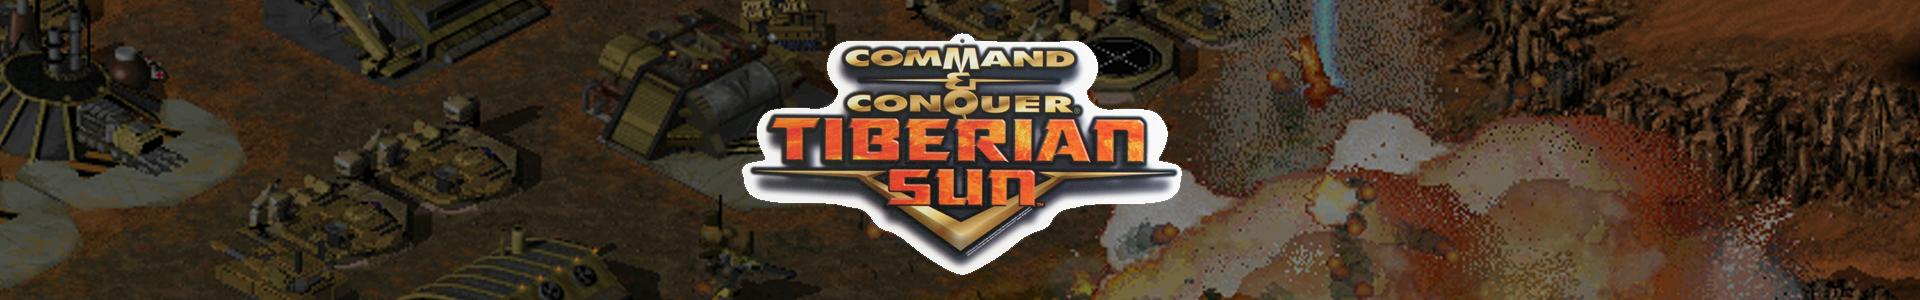 command conquer tiberian sun